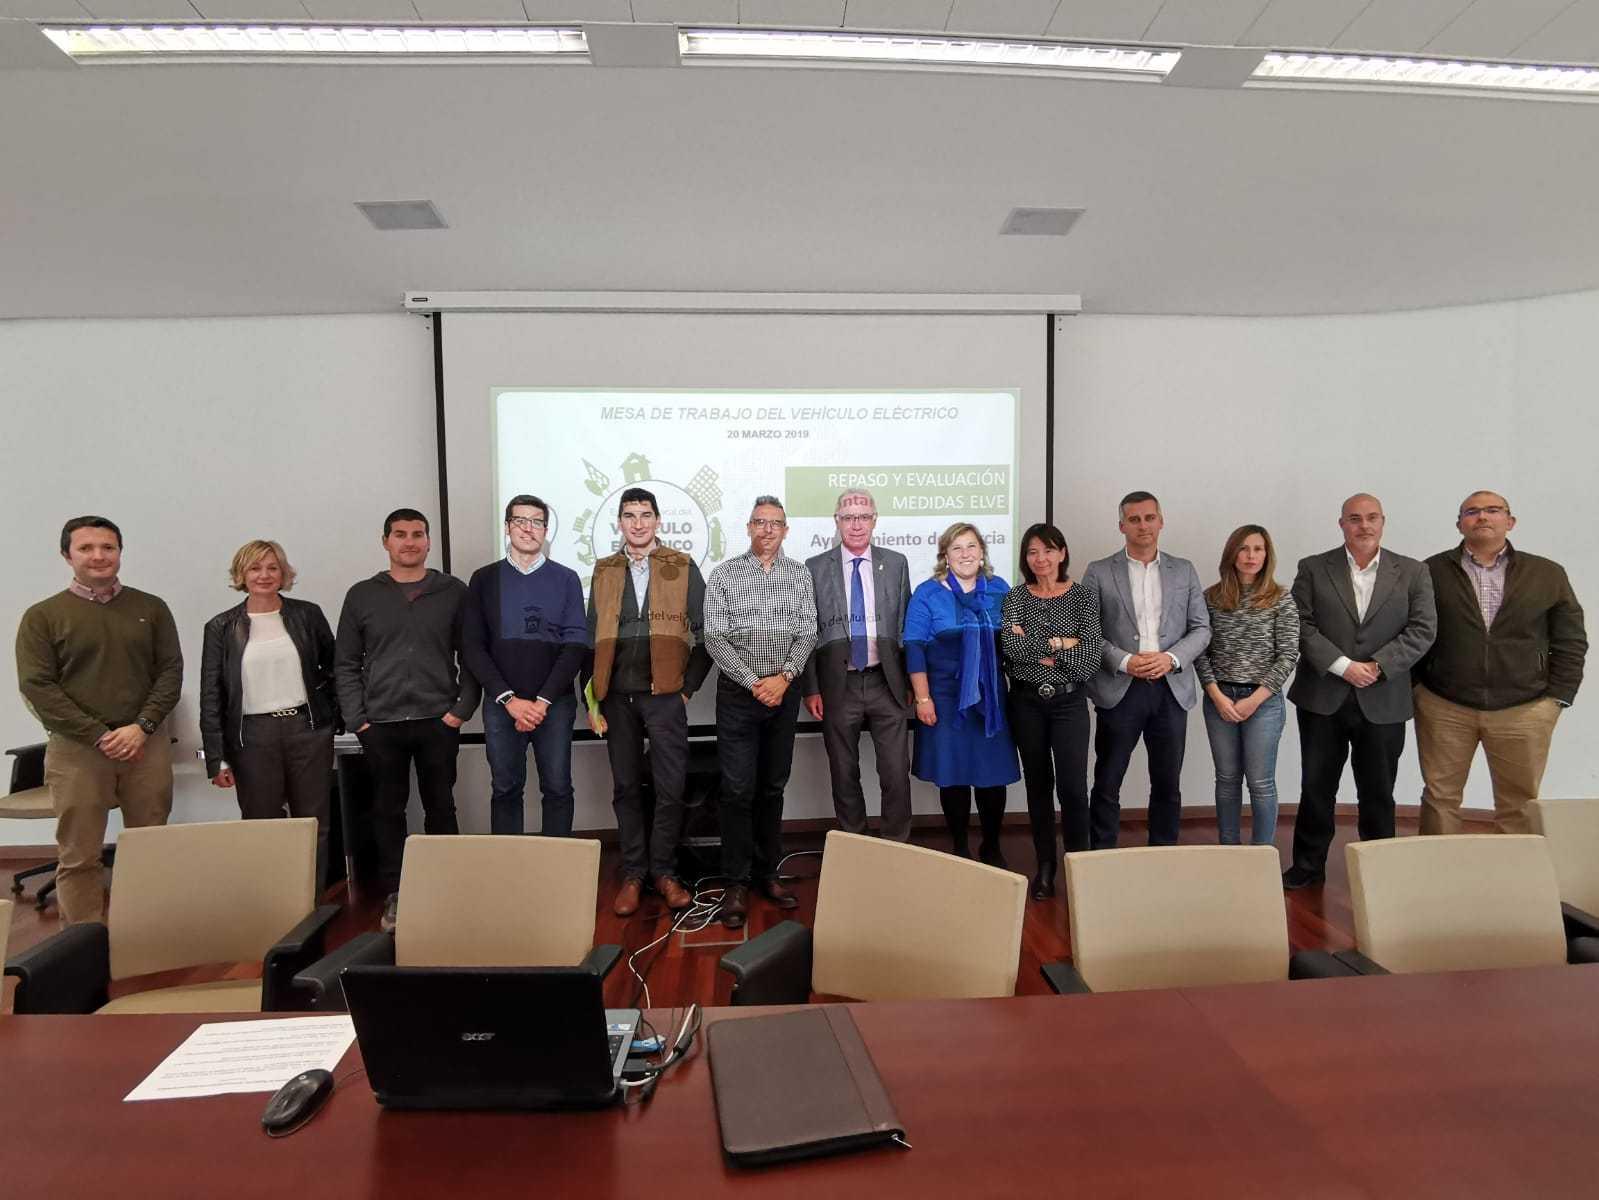 El Ayuntamiento de Murcia celebra una nueva reunión de la Mesa de trabajo del vehículo eléctrico.